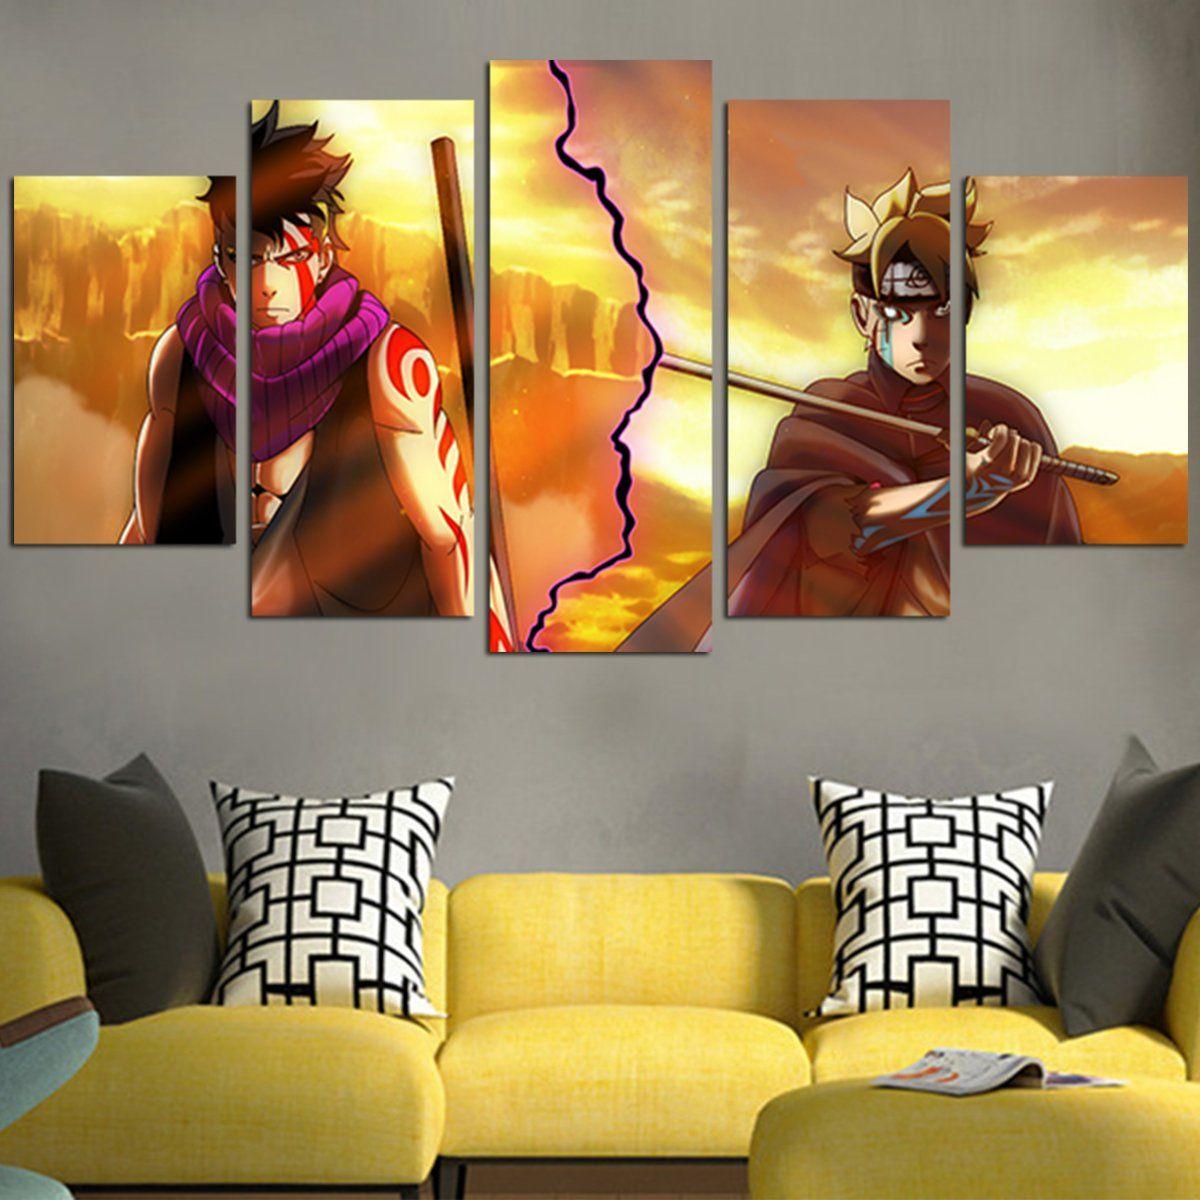 Boruto Vs Kawaki Wall Art Canvas Canvas wall art